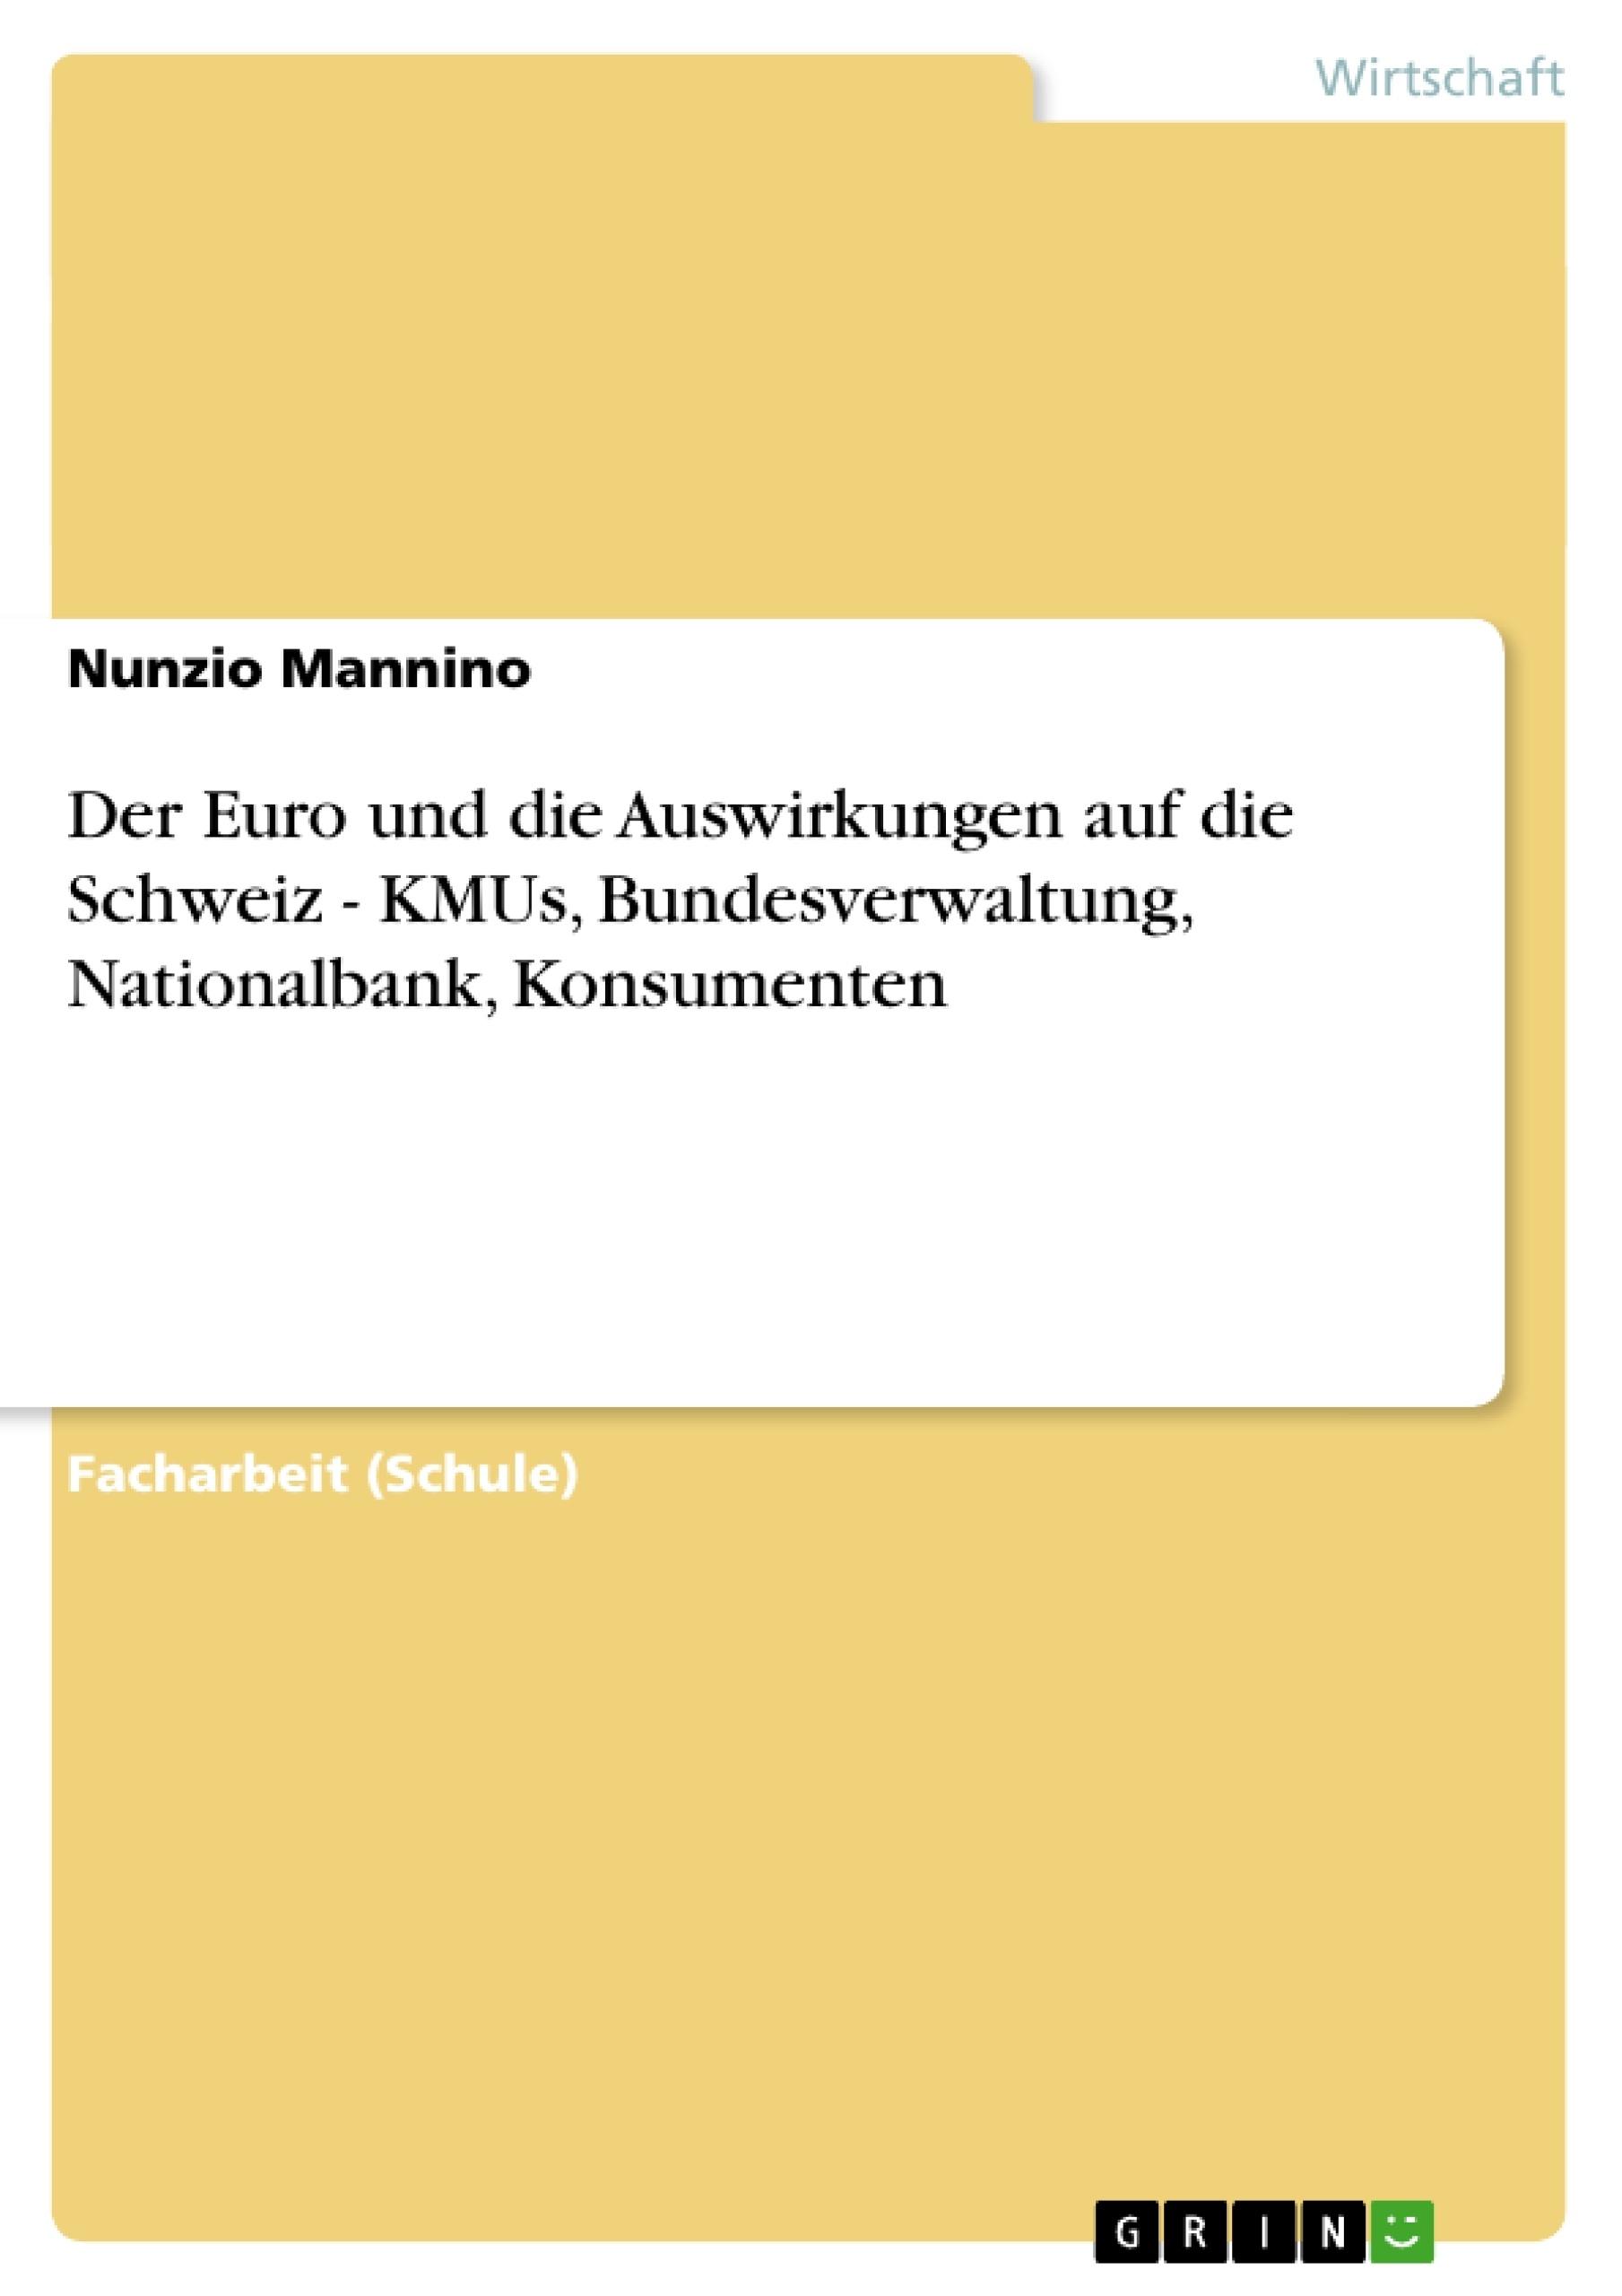 Titel: Der Euro und die Auswirkungen auf die Schweiz - KMUs, Bundesverwaltung, Nationalbank, Konsumenten